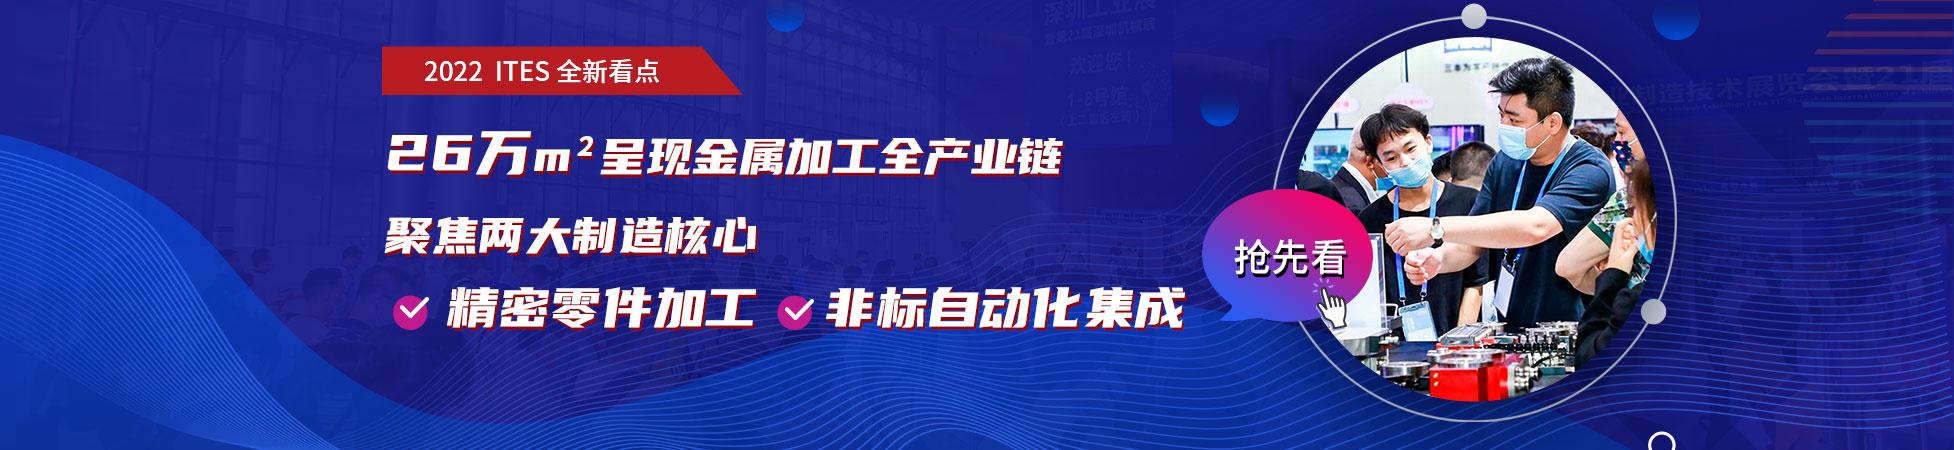 第23届深圳工业展暨深圳机械展预告,ITES推动工业进步。